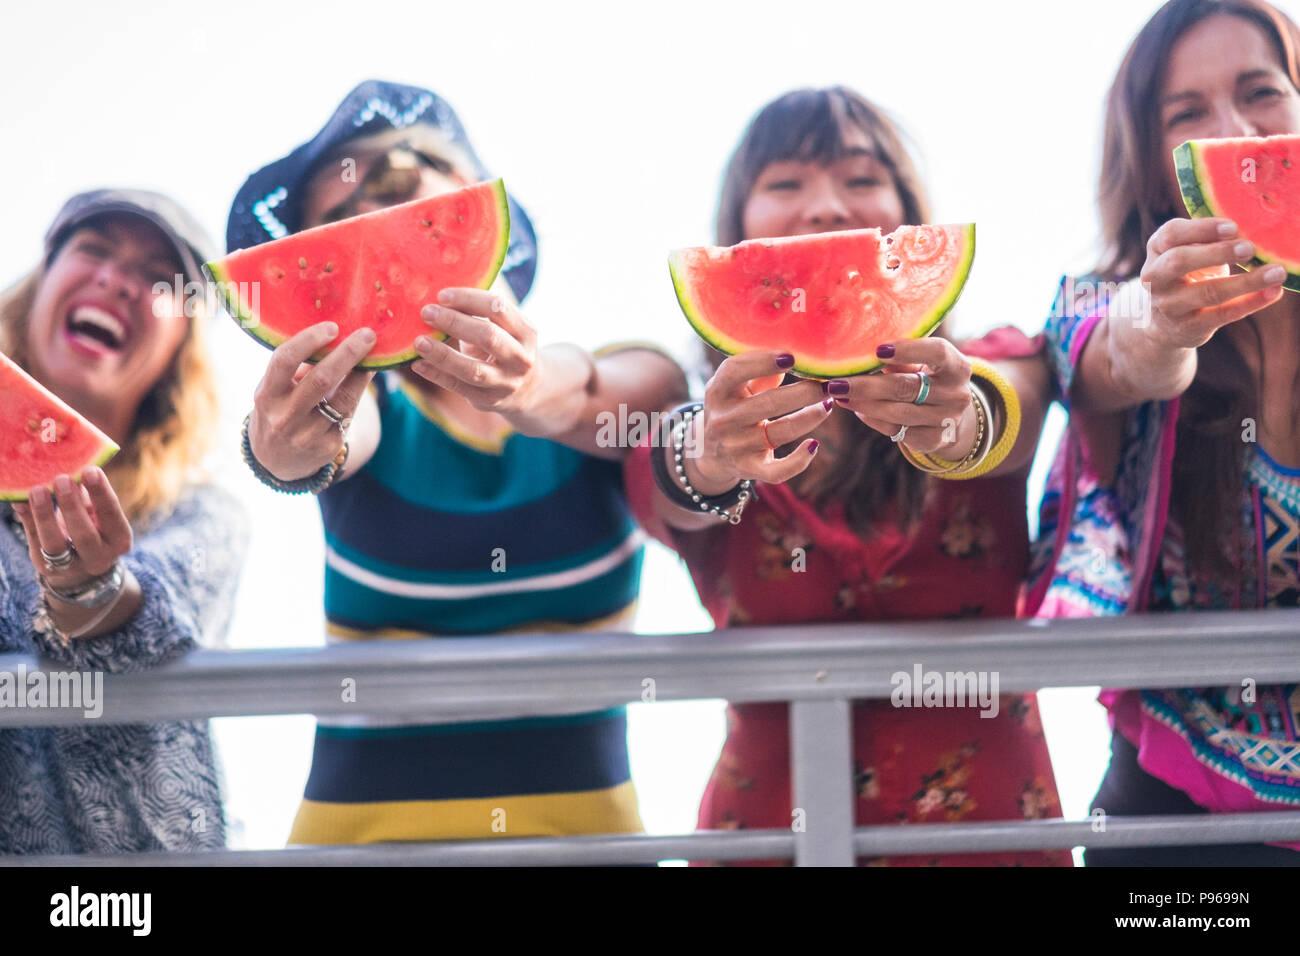 Cuatro hembras jóvenes caucásicos bonito felices comiendo sandía para celebrar el verano y cálido día con sun, cerca del océano. Hermosos colores para el grupo de Imagen De Stock